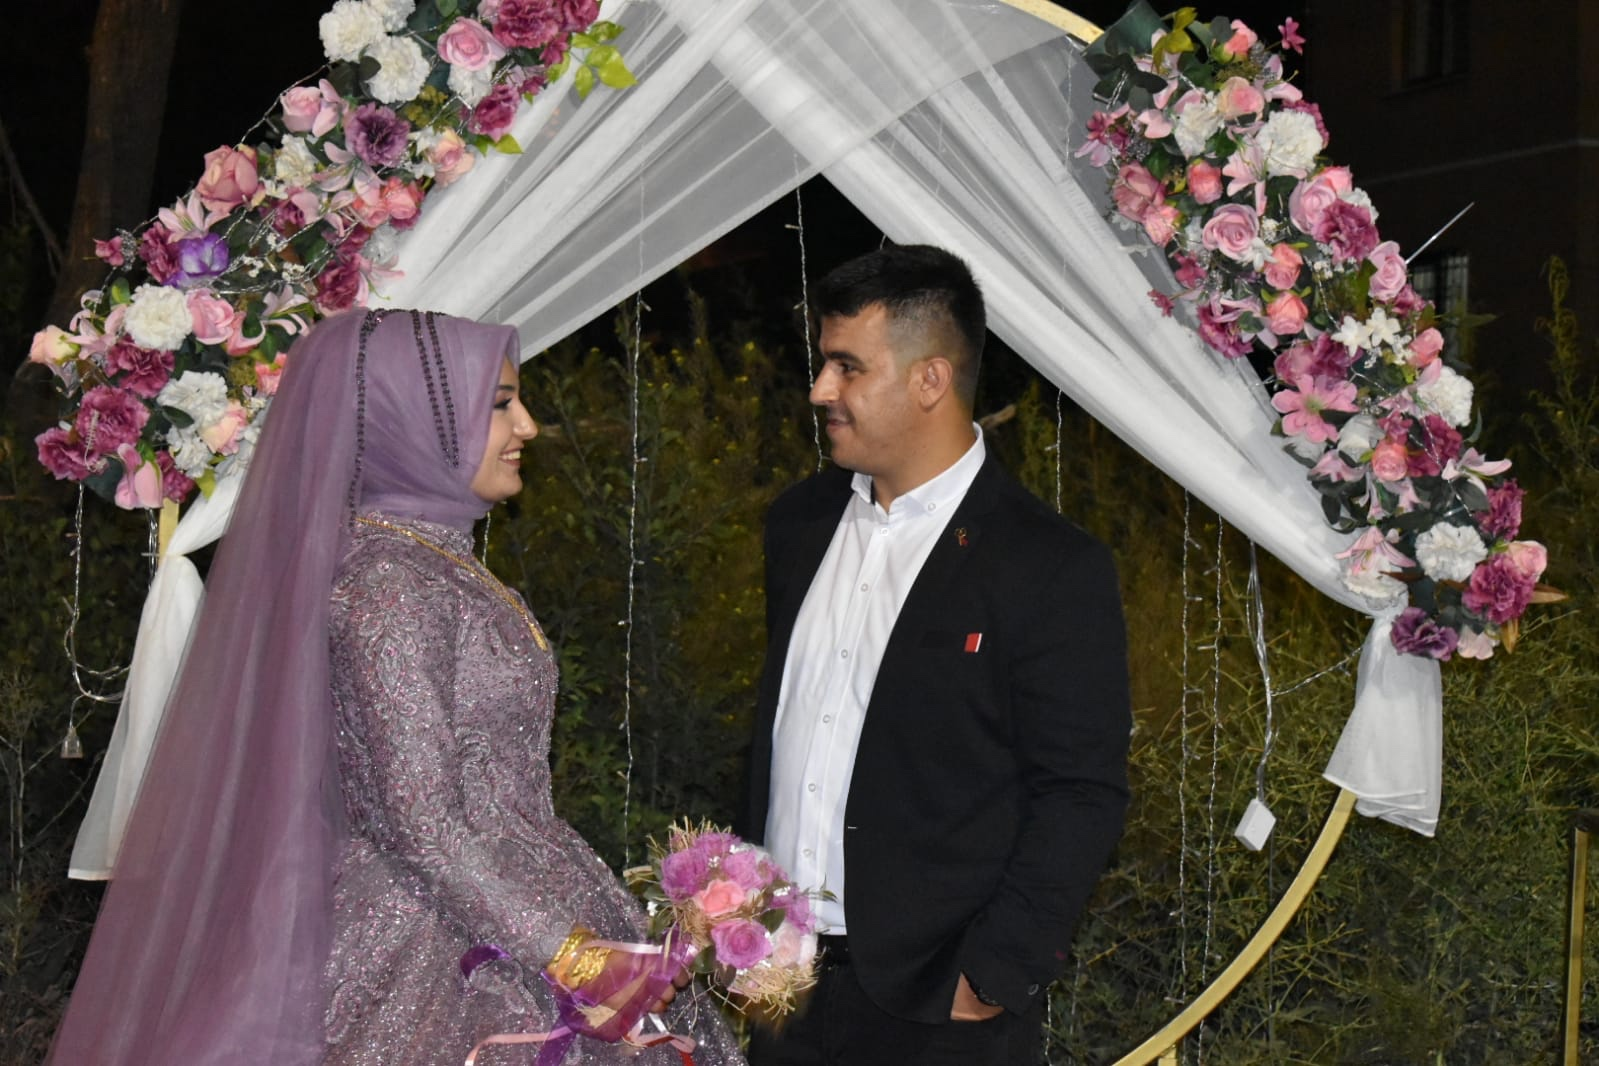 Havvanur Davarcı ile Mevlüt Karayakar nişanlandılar